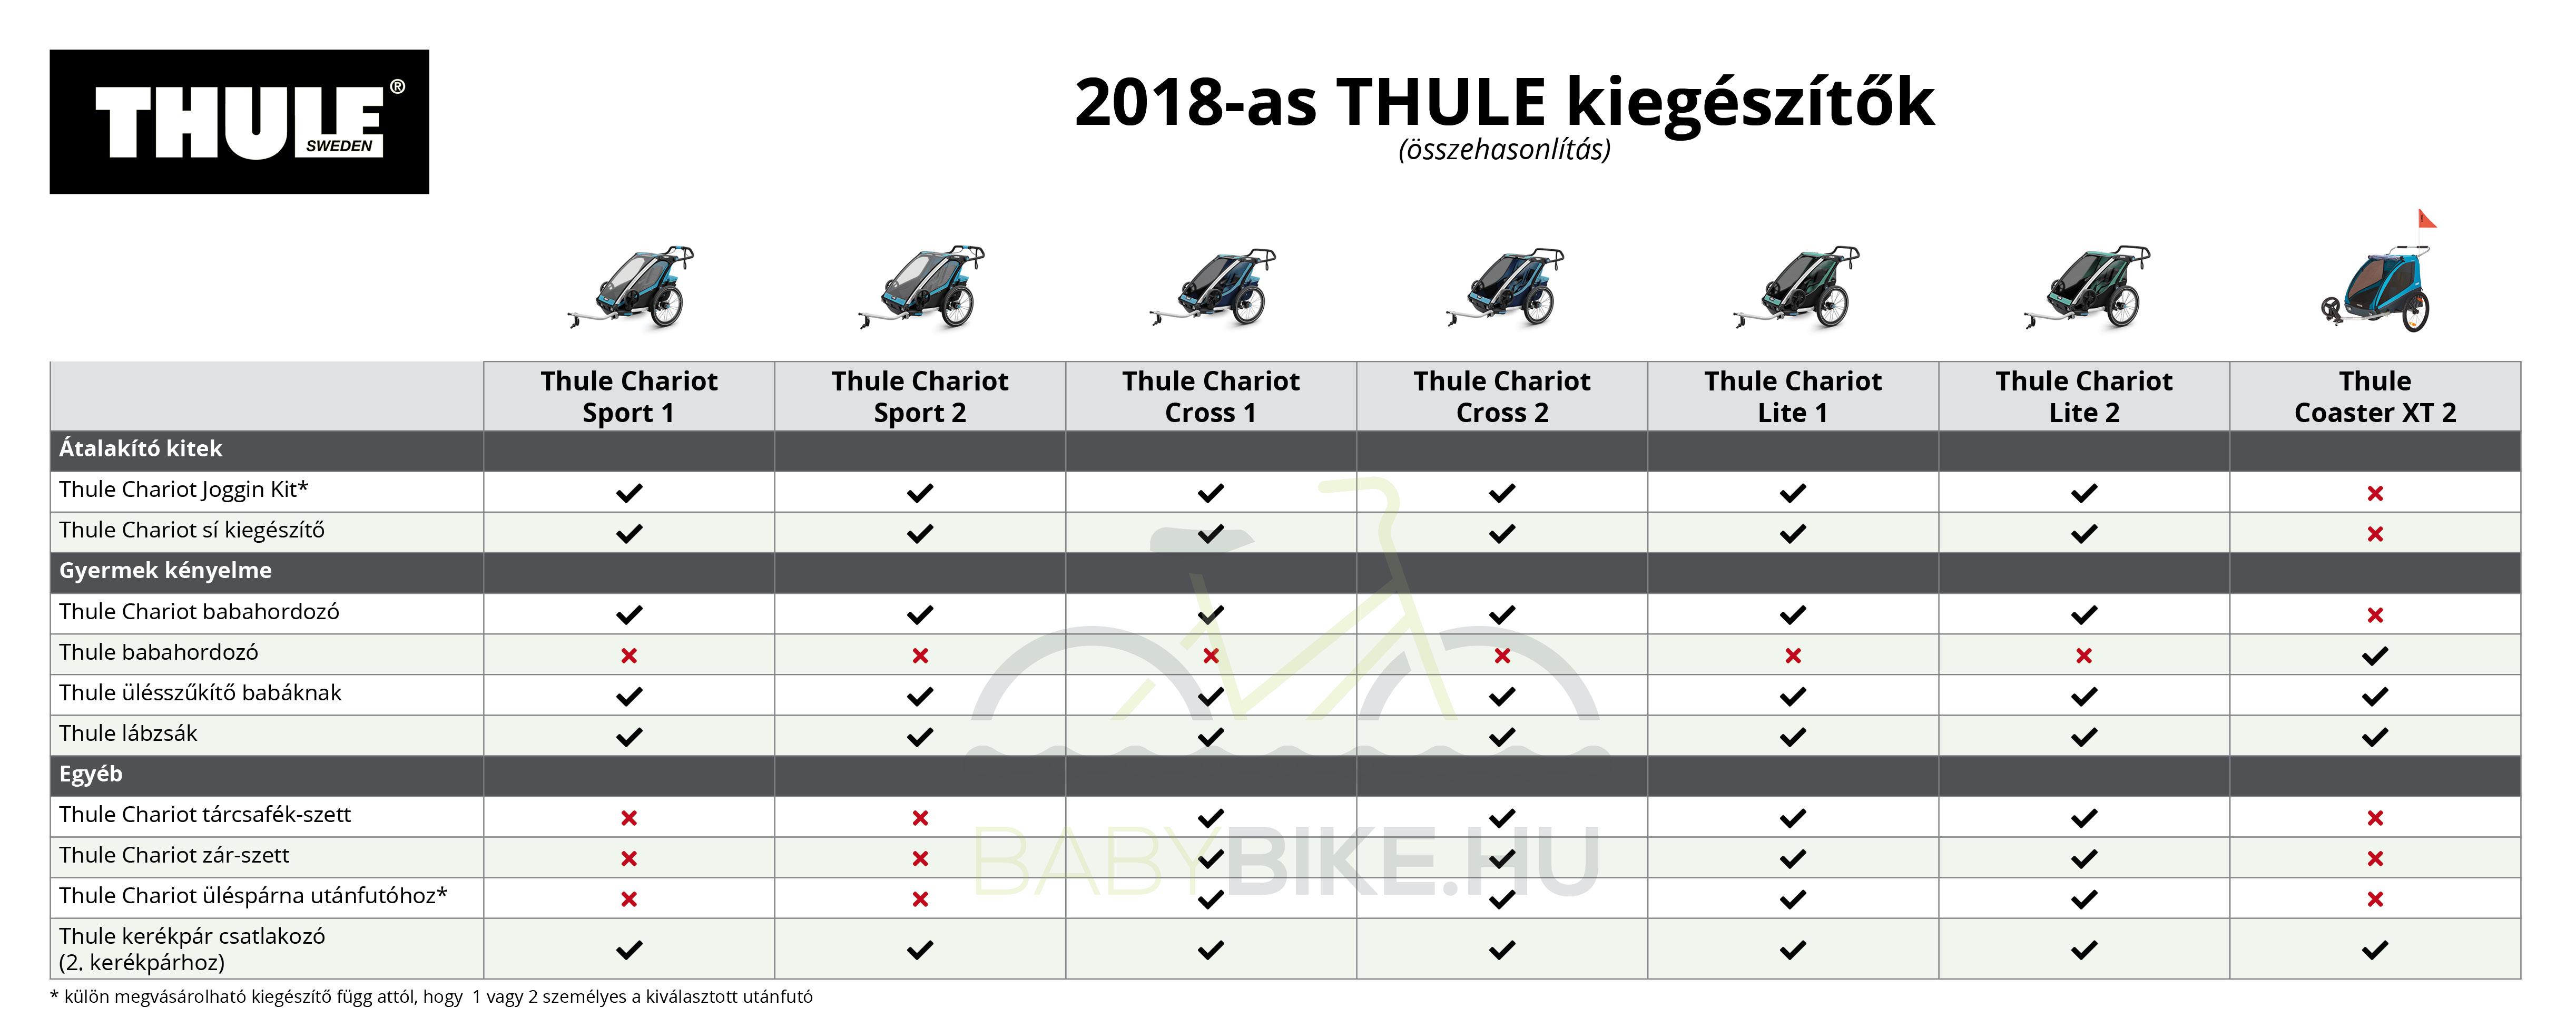 Thule utánfutók kiegészítők táblázat